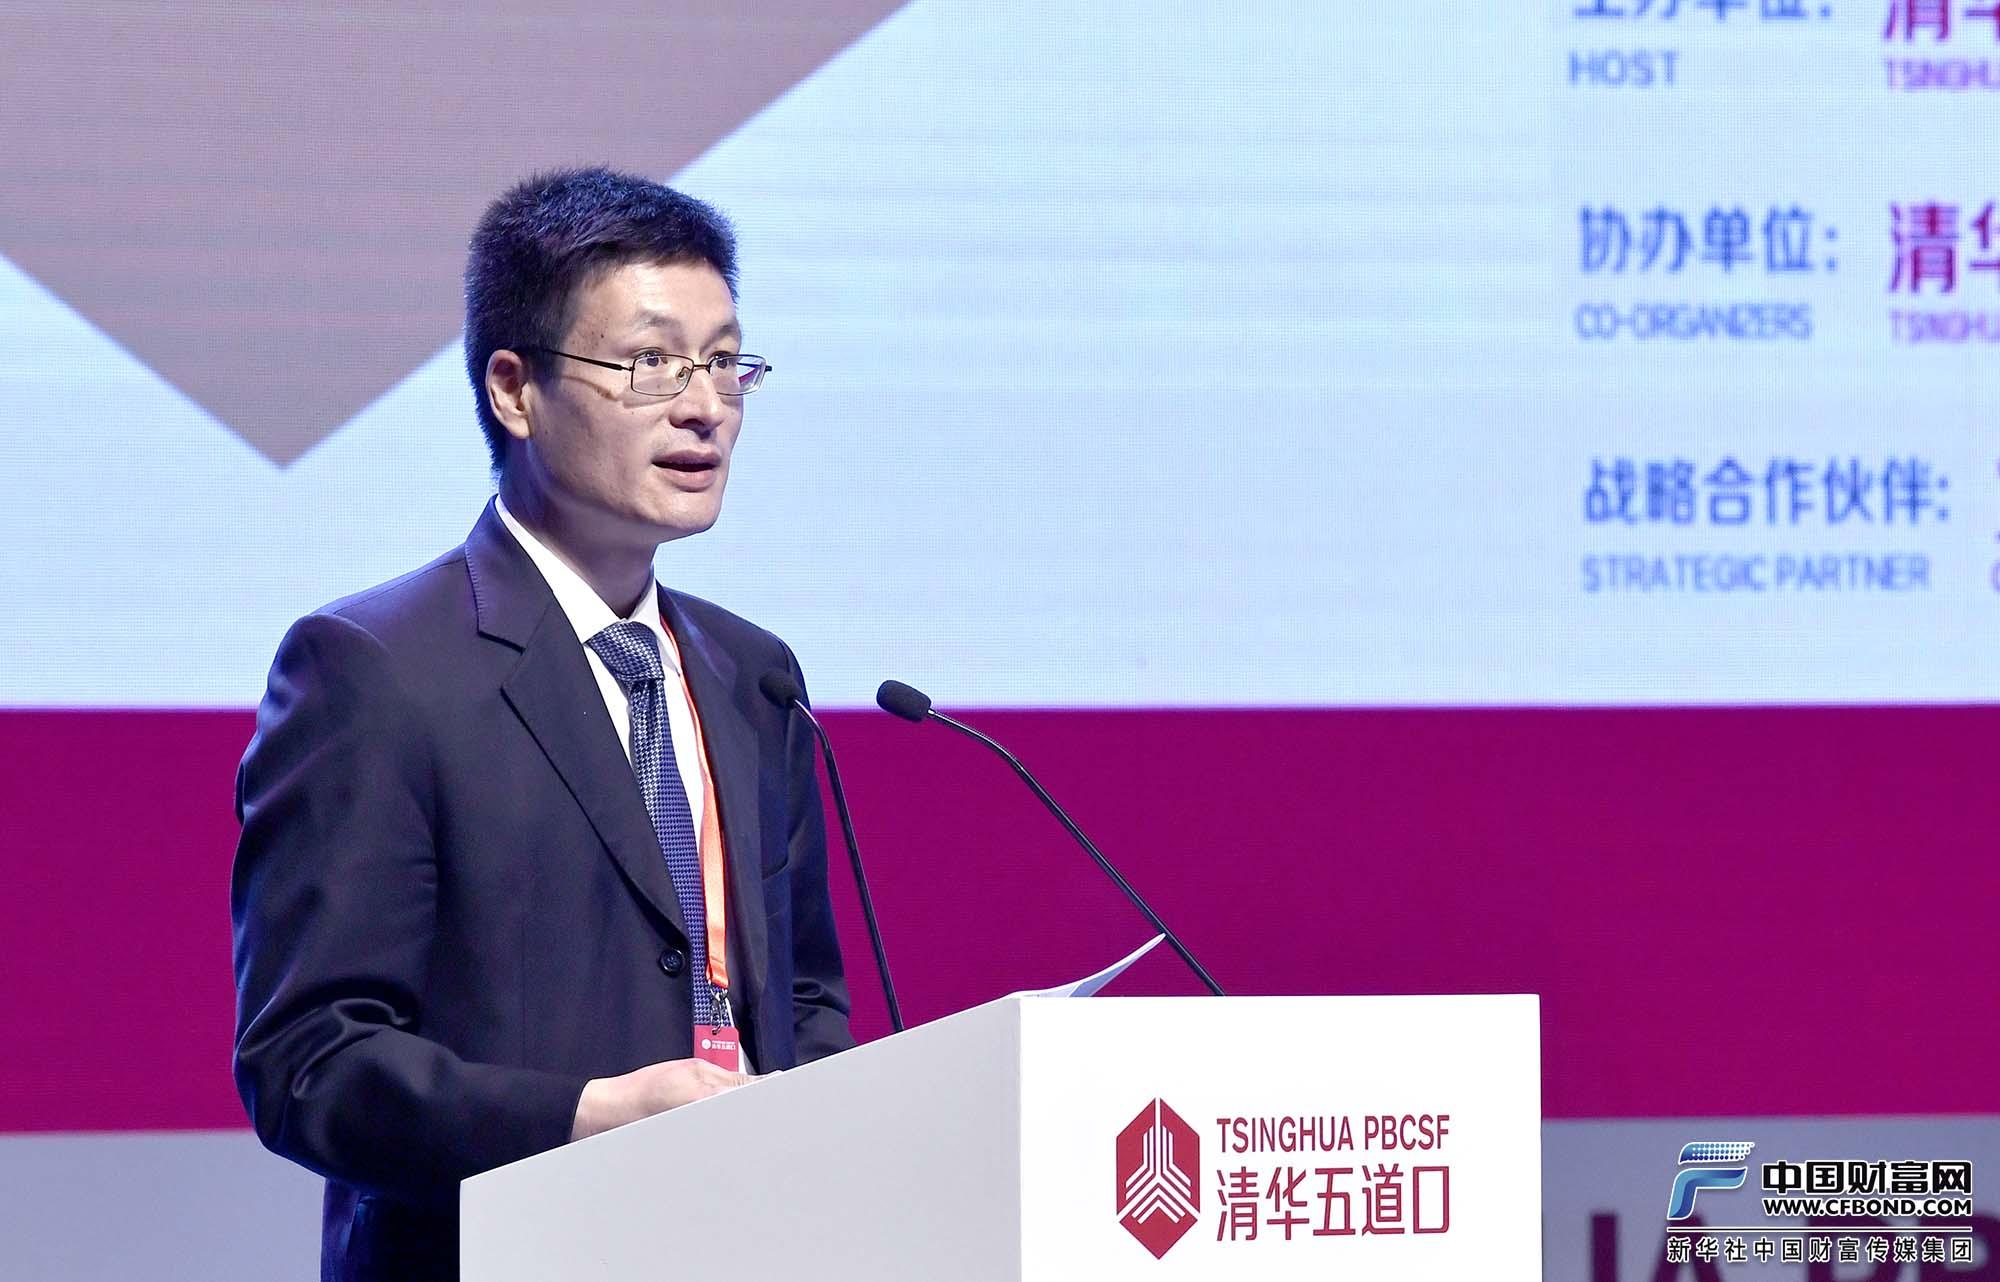 《2019中国金融政策报告》发布  向世界讲述中国金融故事